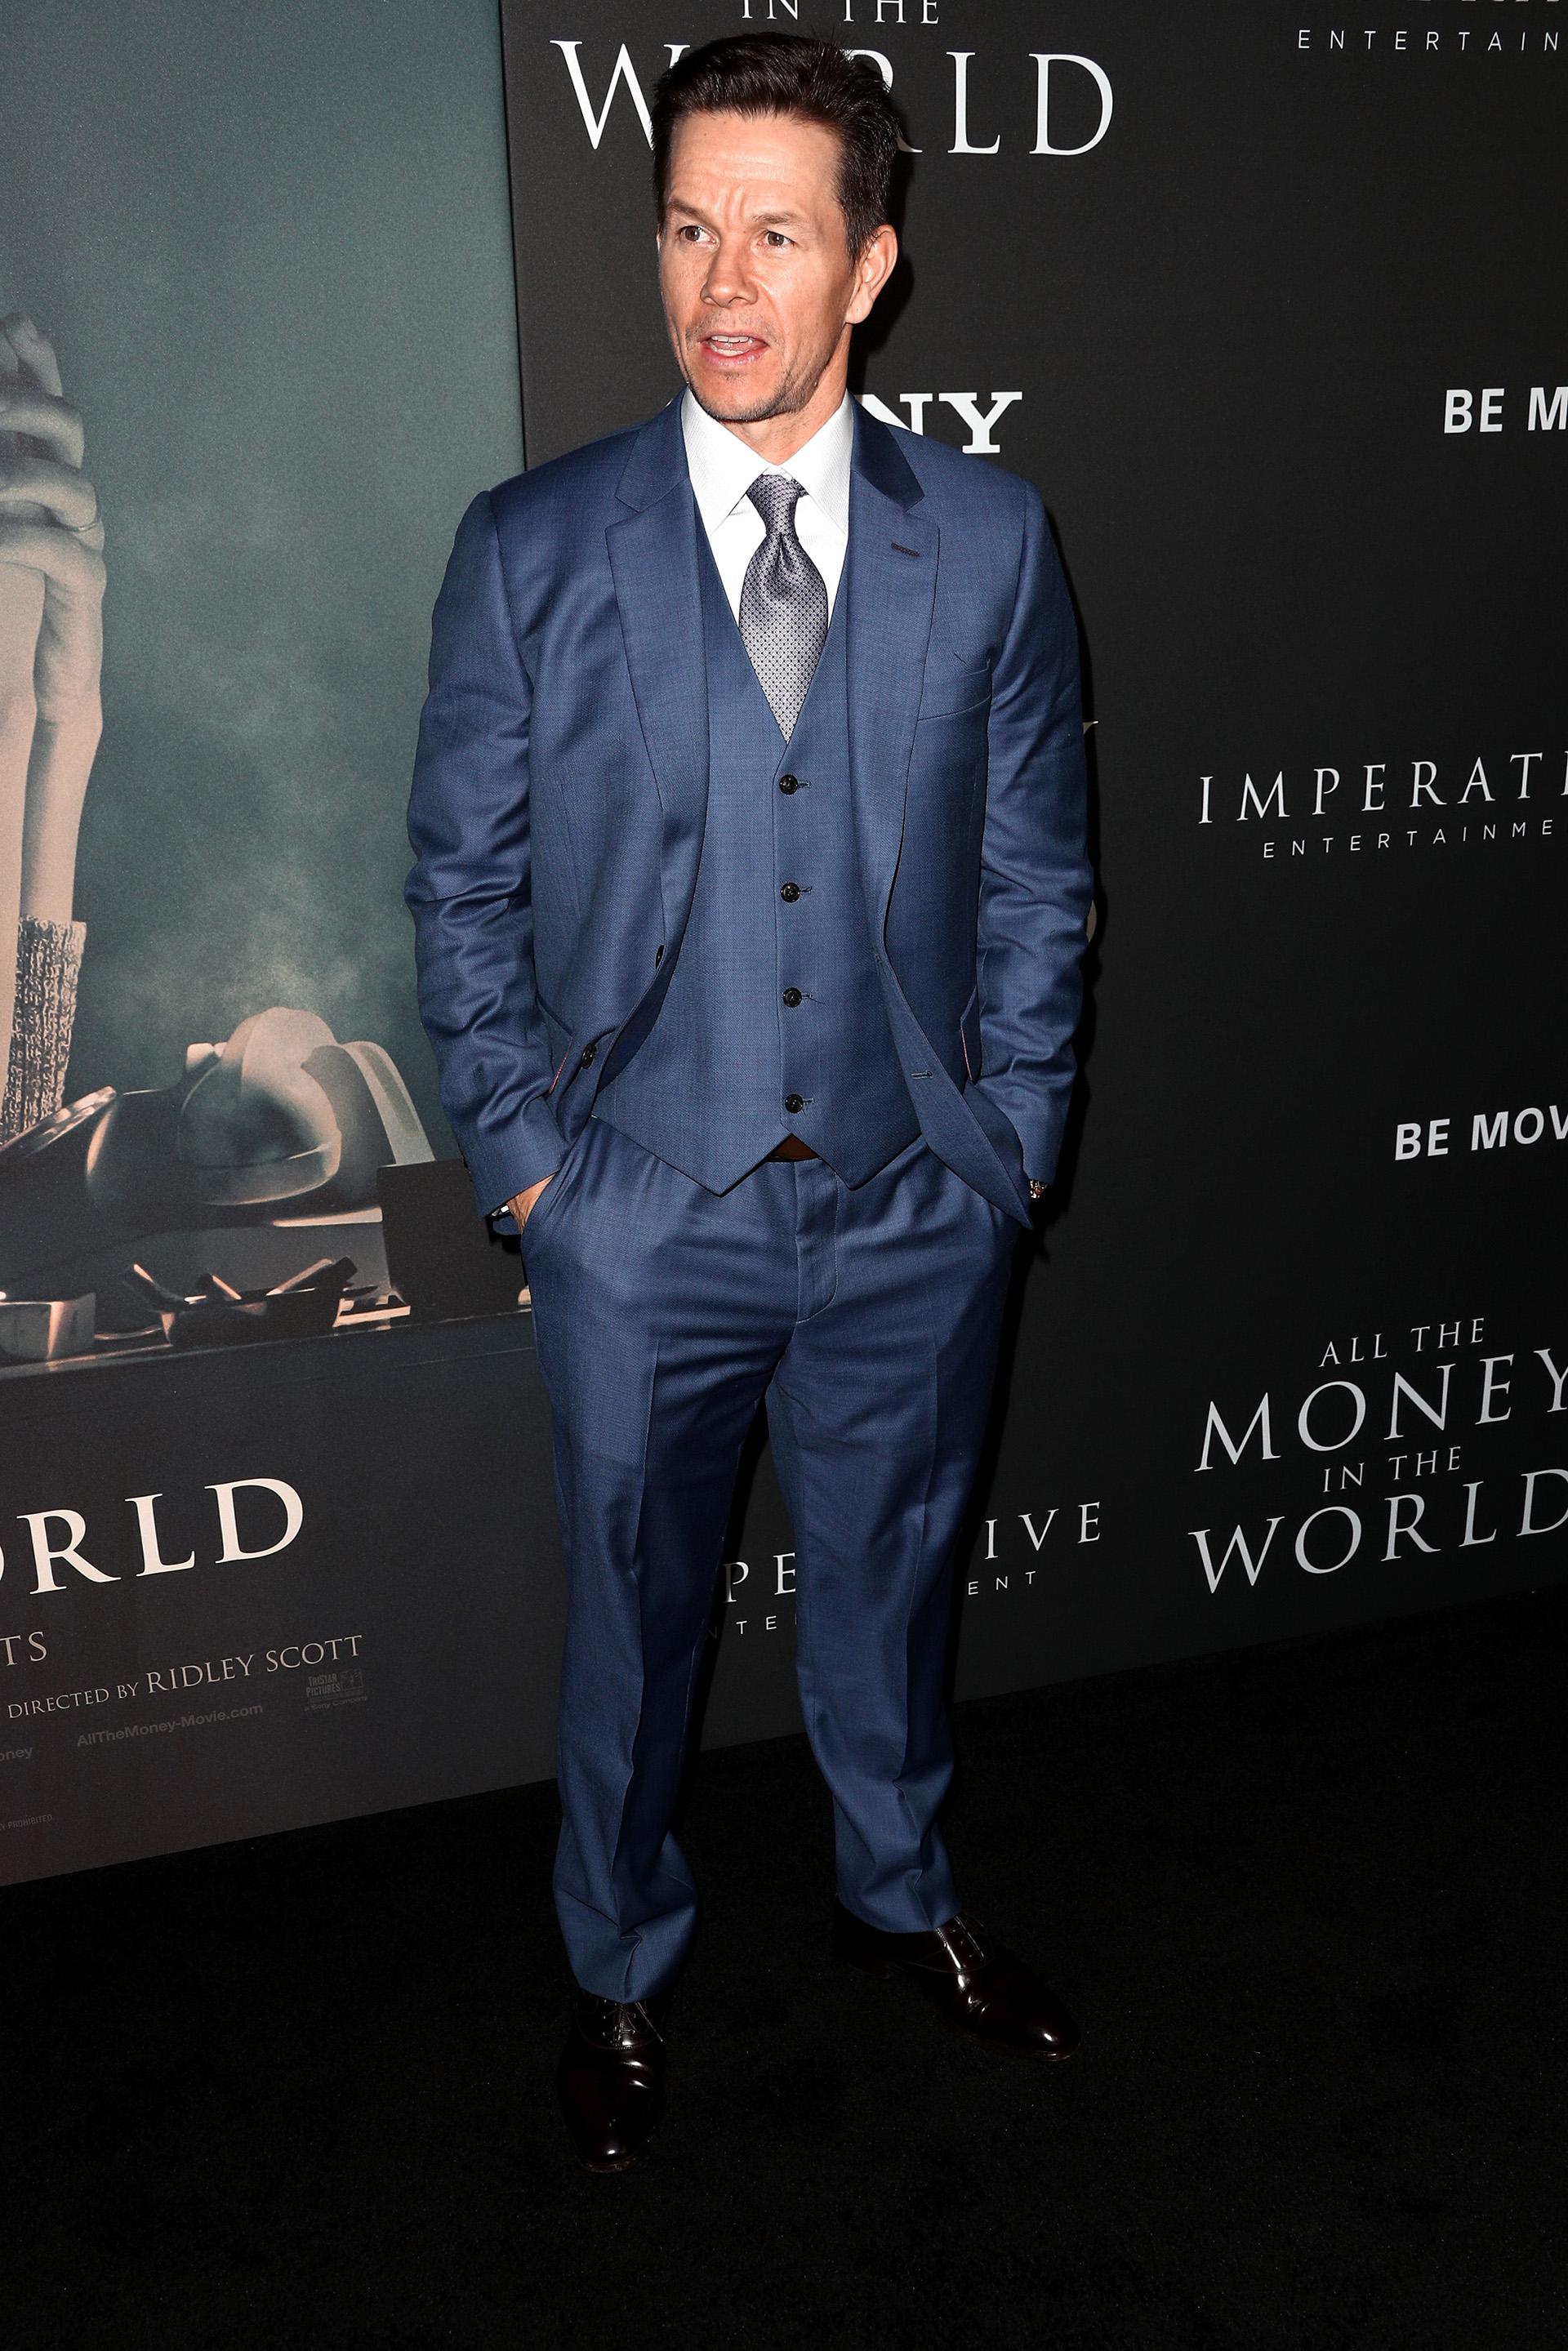 Mark Wahlberg a su llegada a la red carpet de la película que protagoniza, cuya premiere se llevó a cabo en el Samuel Goldwyn Theater de Beverly Hills